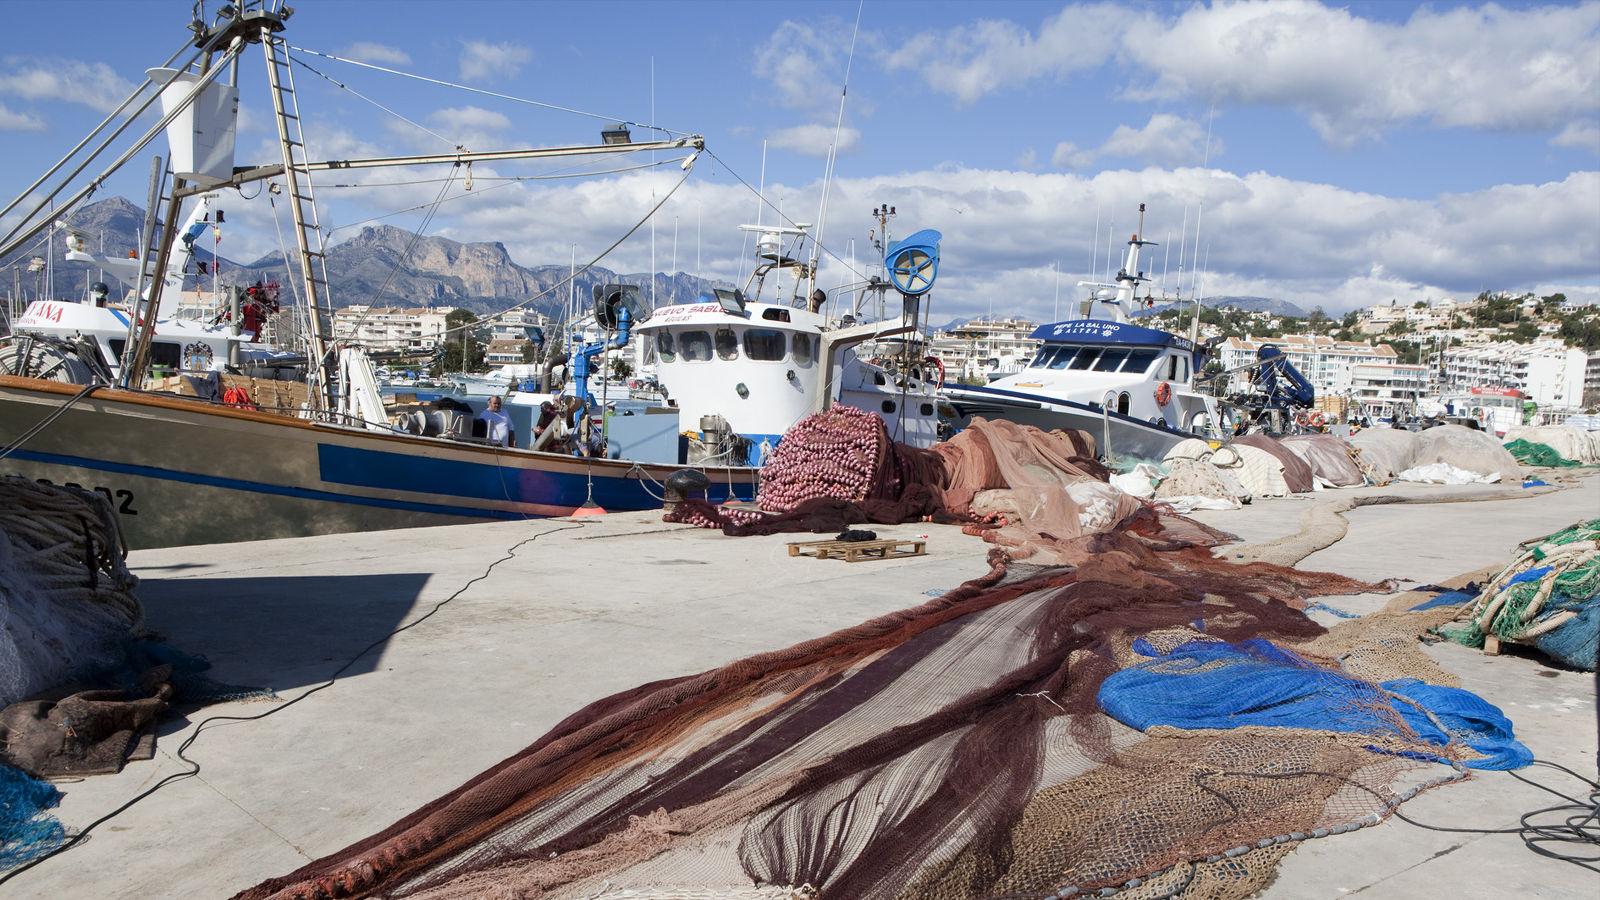 Restaurante Alicante Juan Abril - Nuestro entorno - Altea - Barcos de pesca